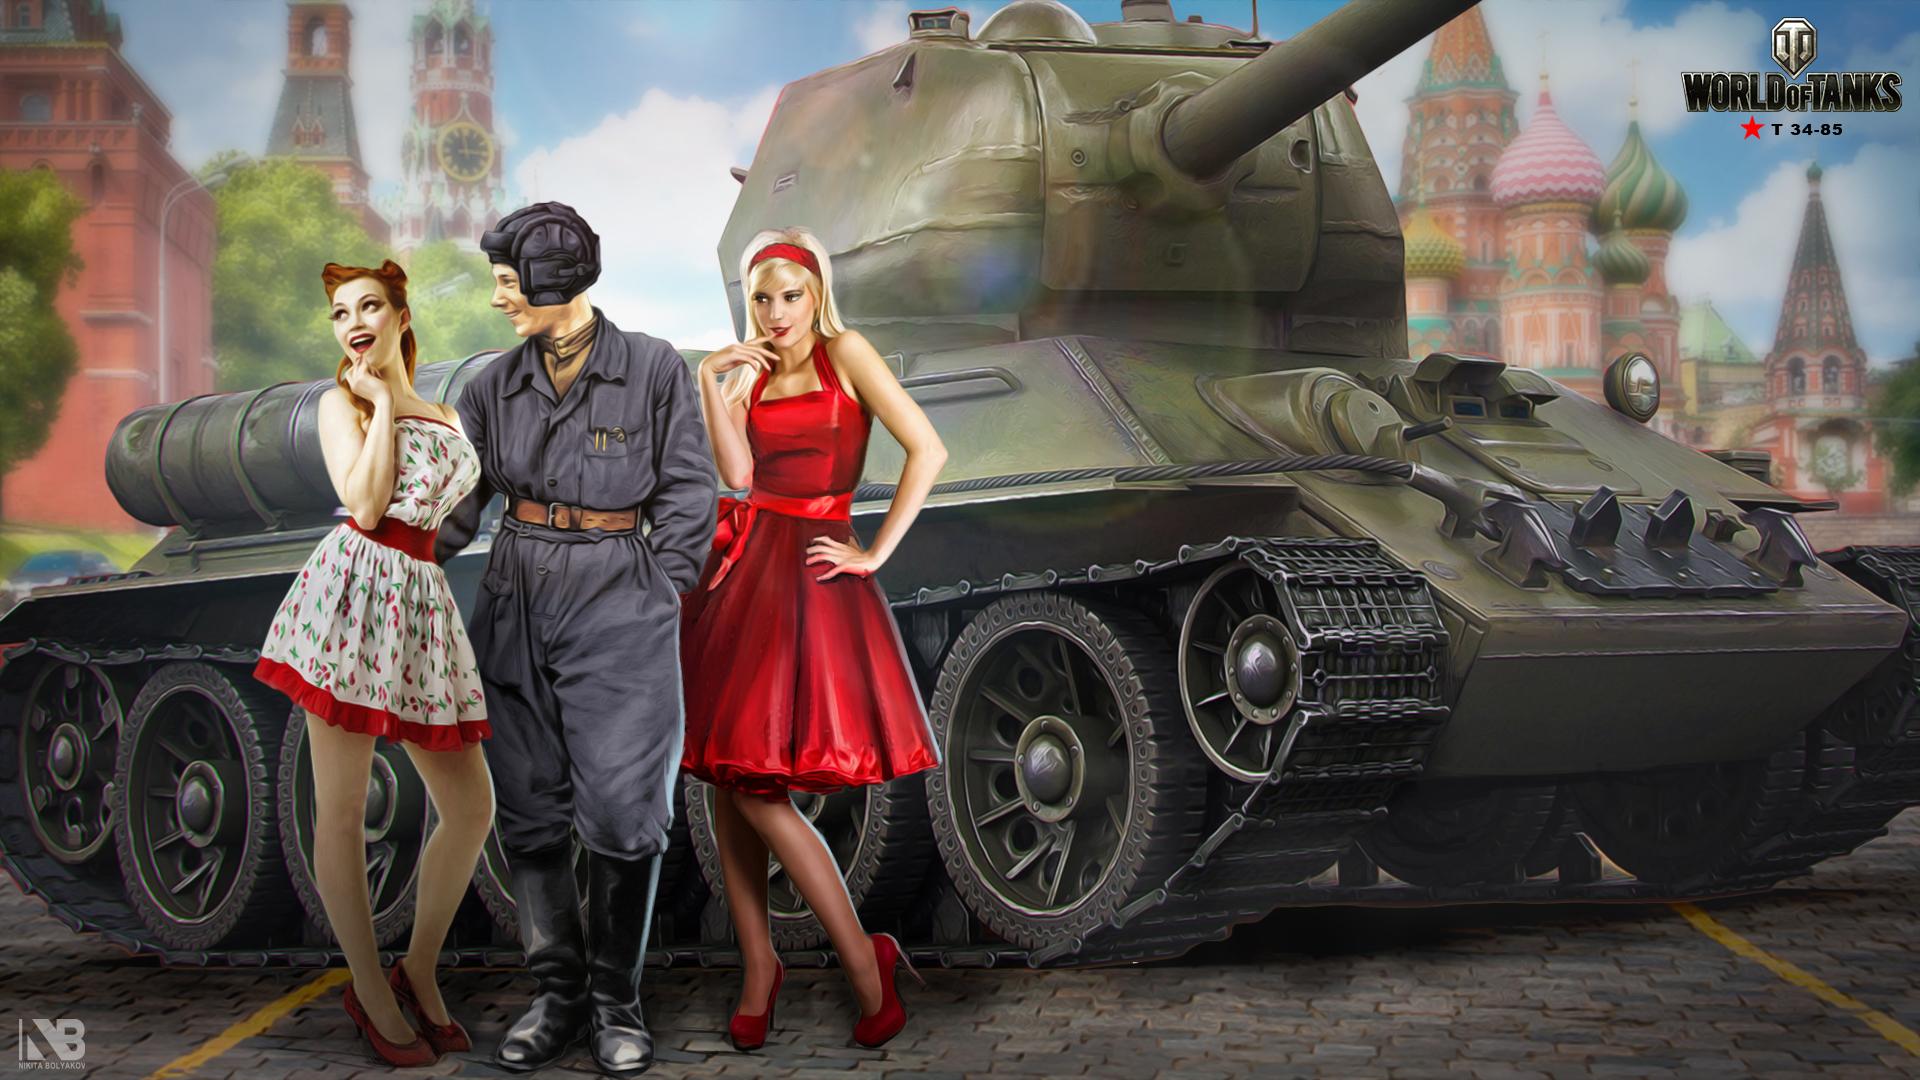 Wallpaper girl, tank, girl, tanks, WoT, World of tanks